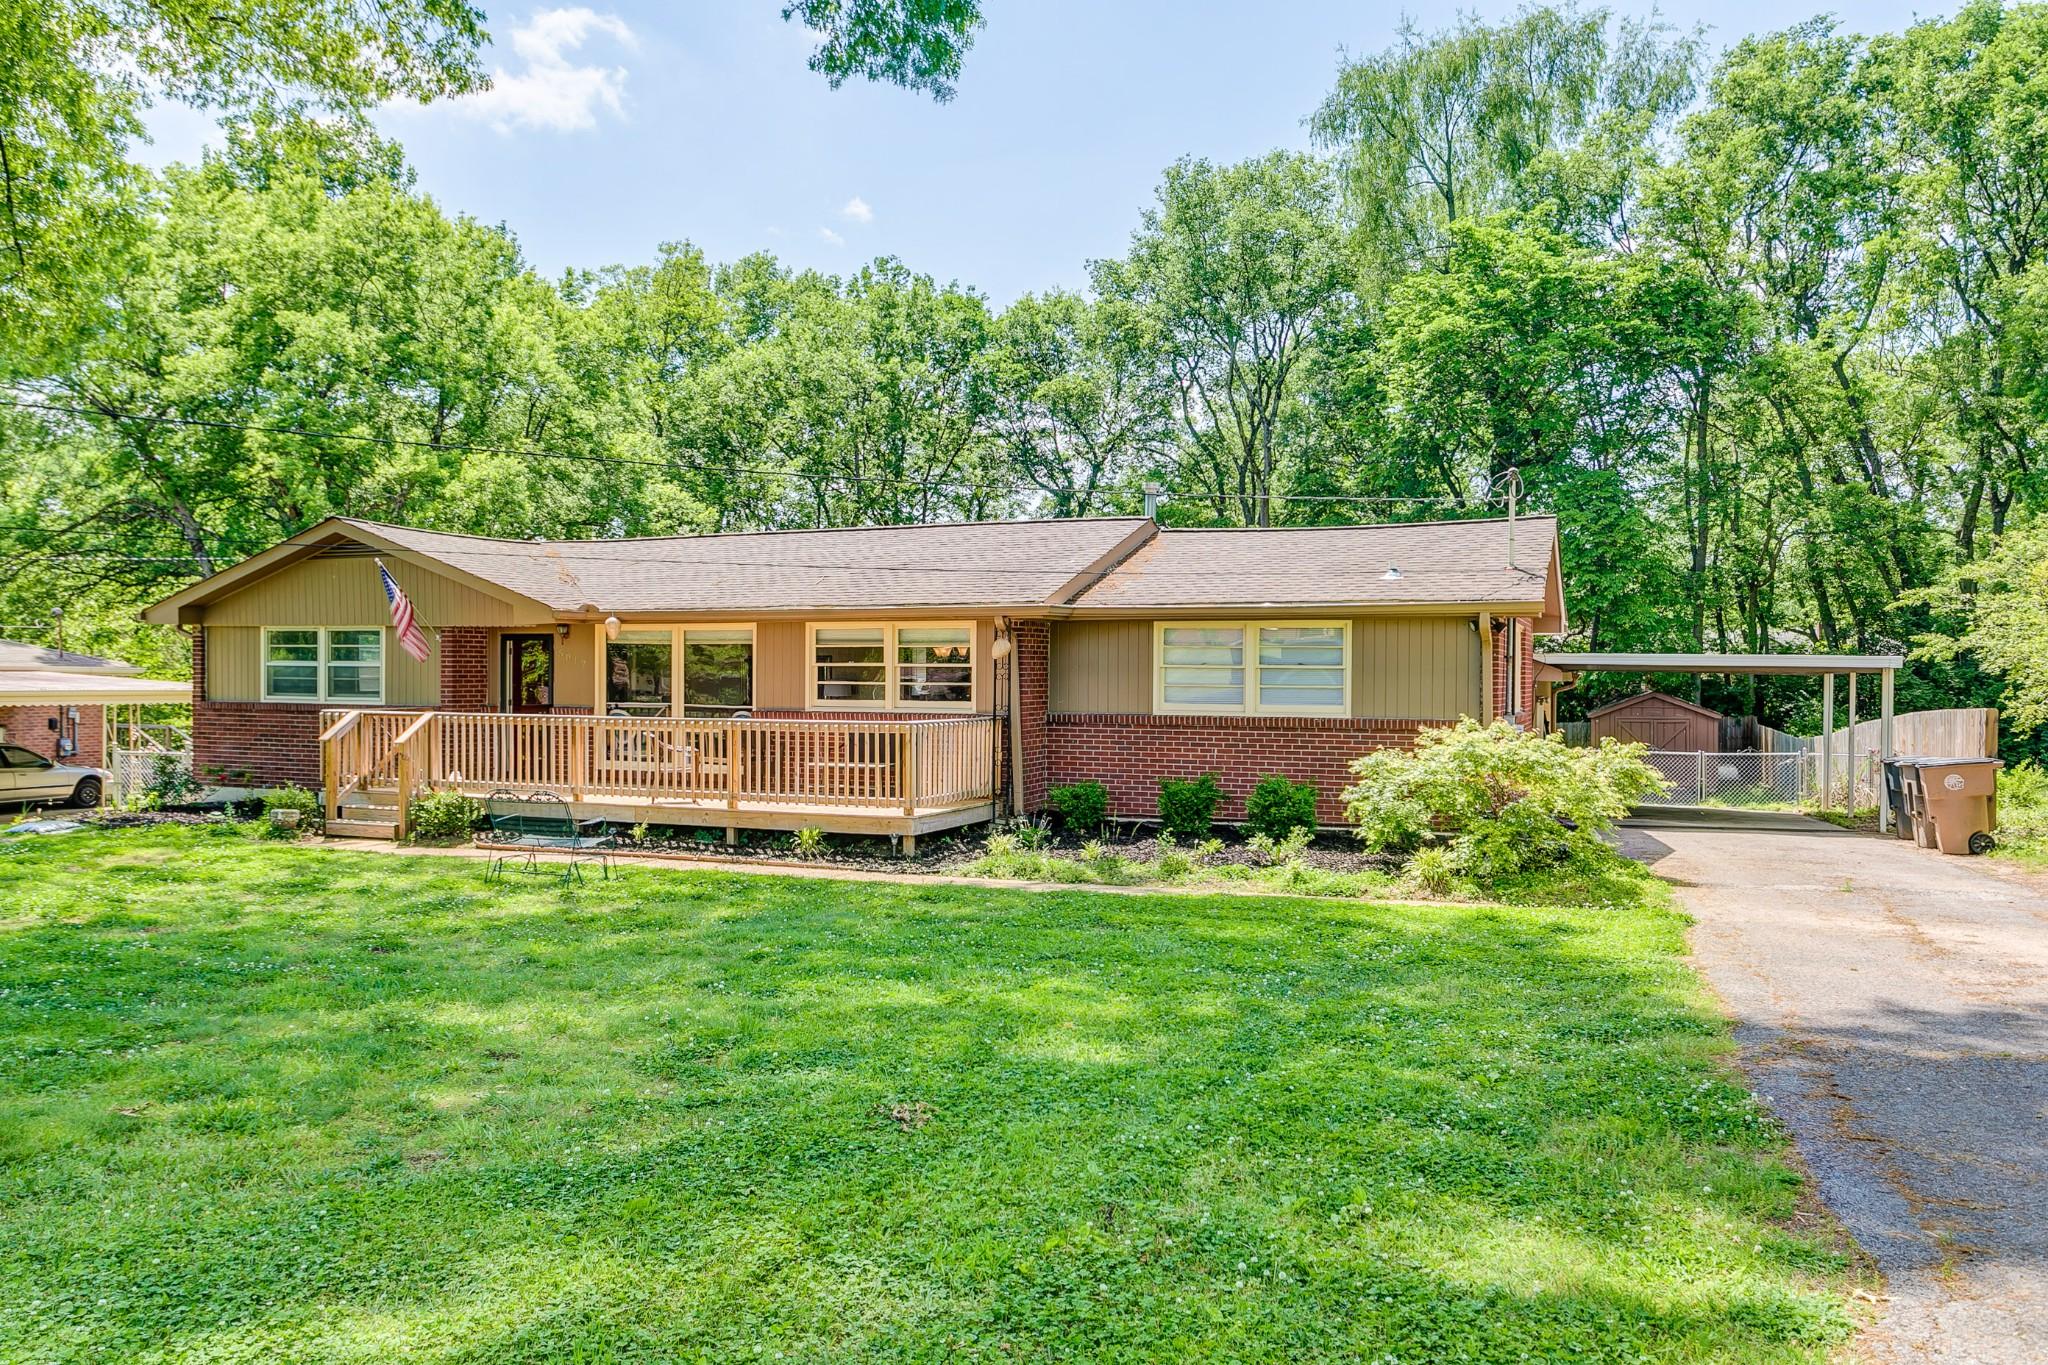 5017 Manuel Dr, Nashville, TN 37211 - Nashville, TN real estate listing